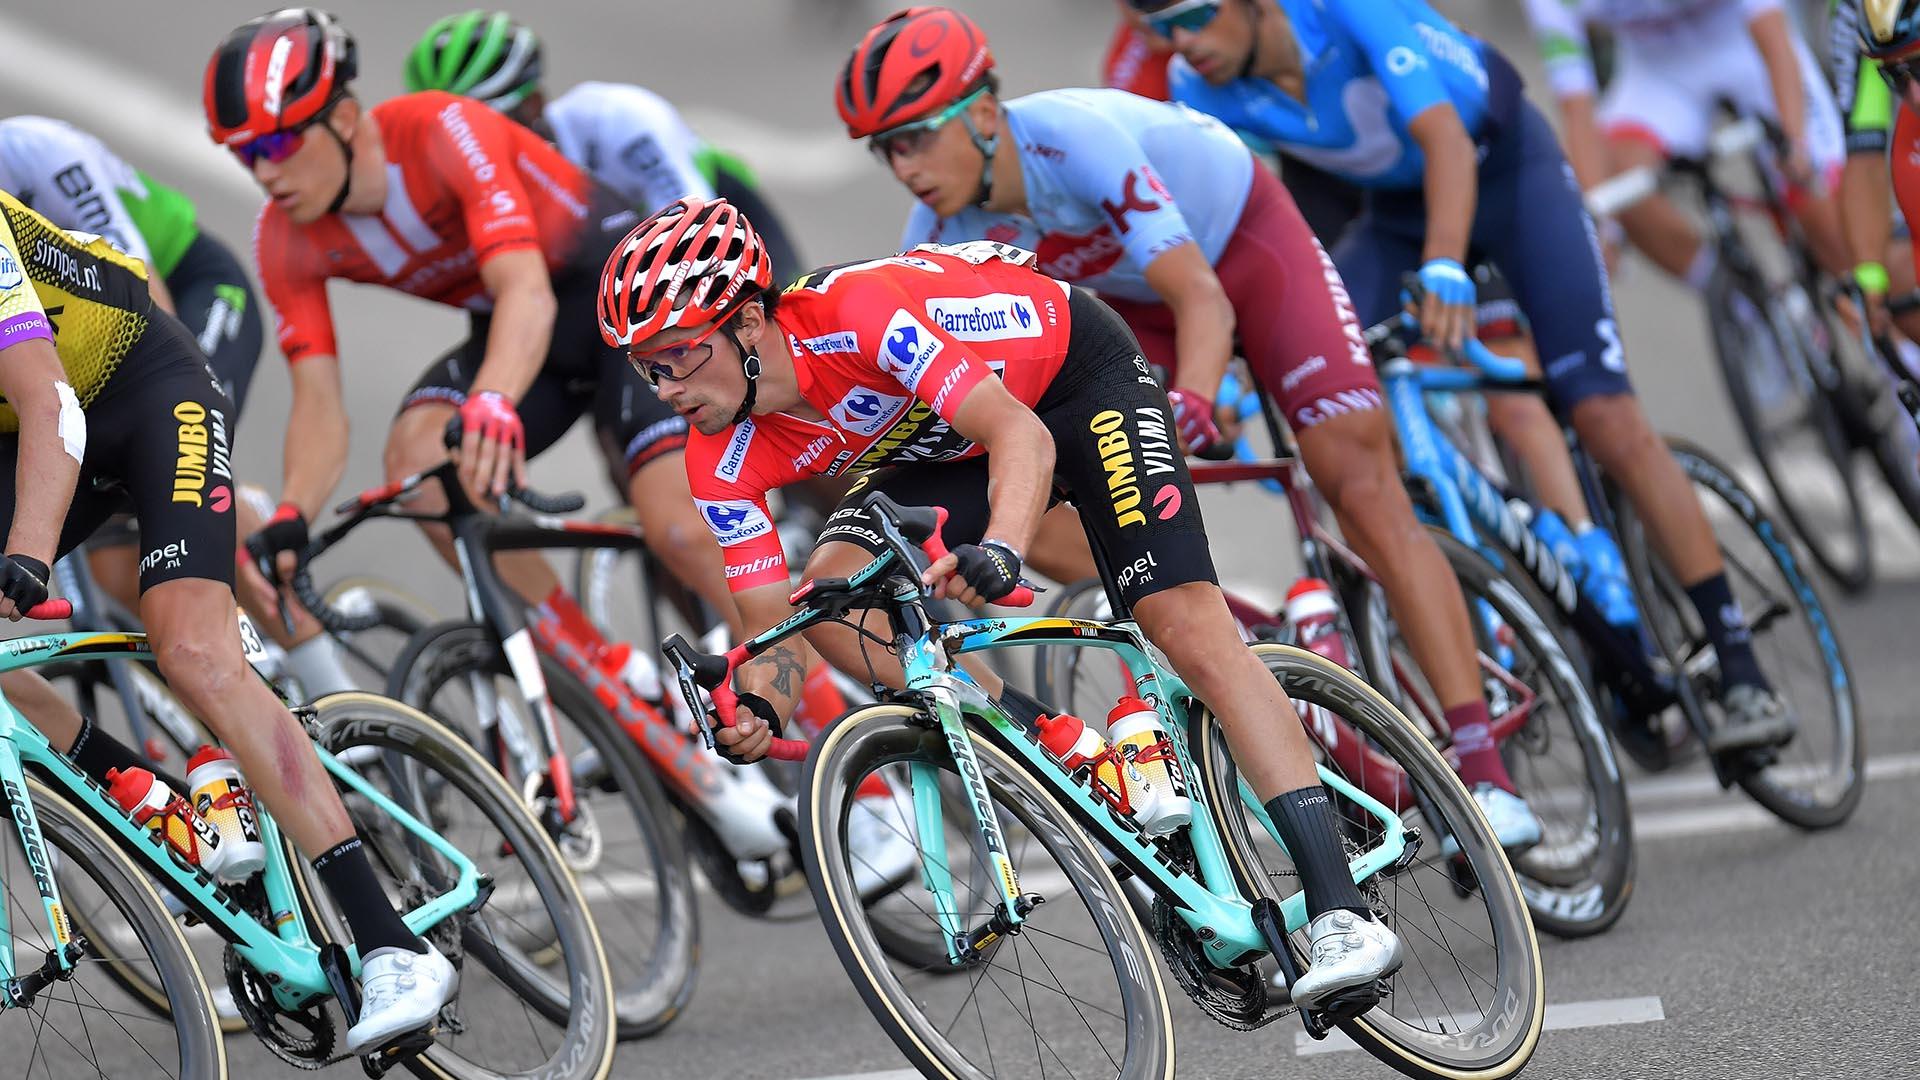 Vuelta a España 2019: Stage 21 highlights